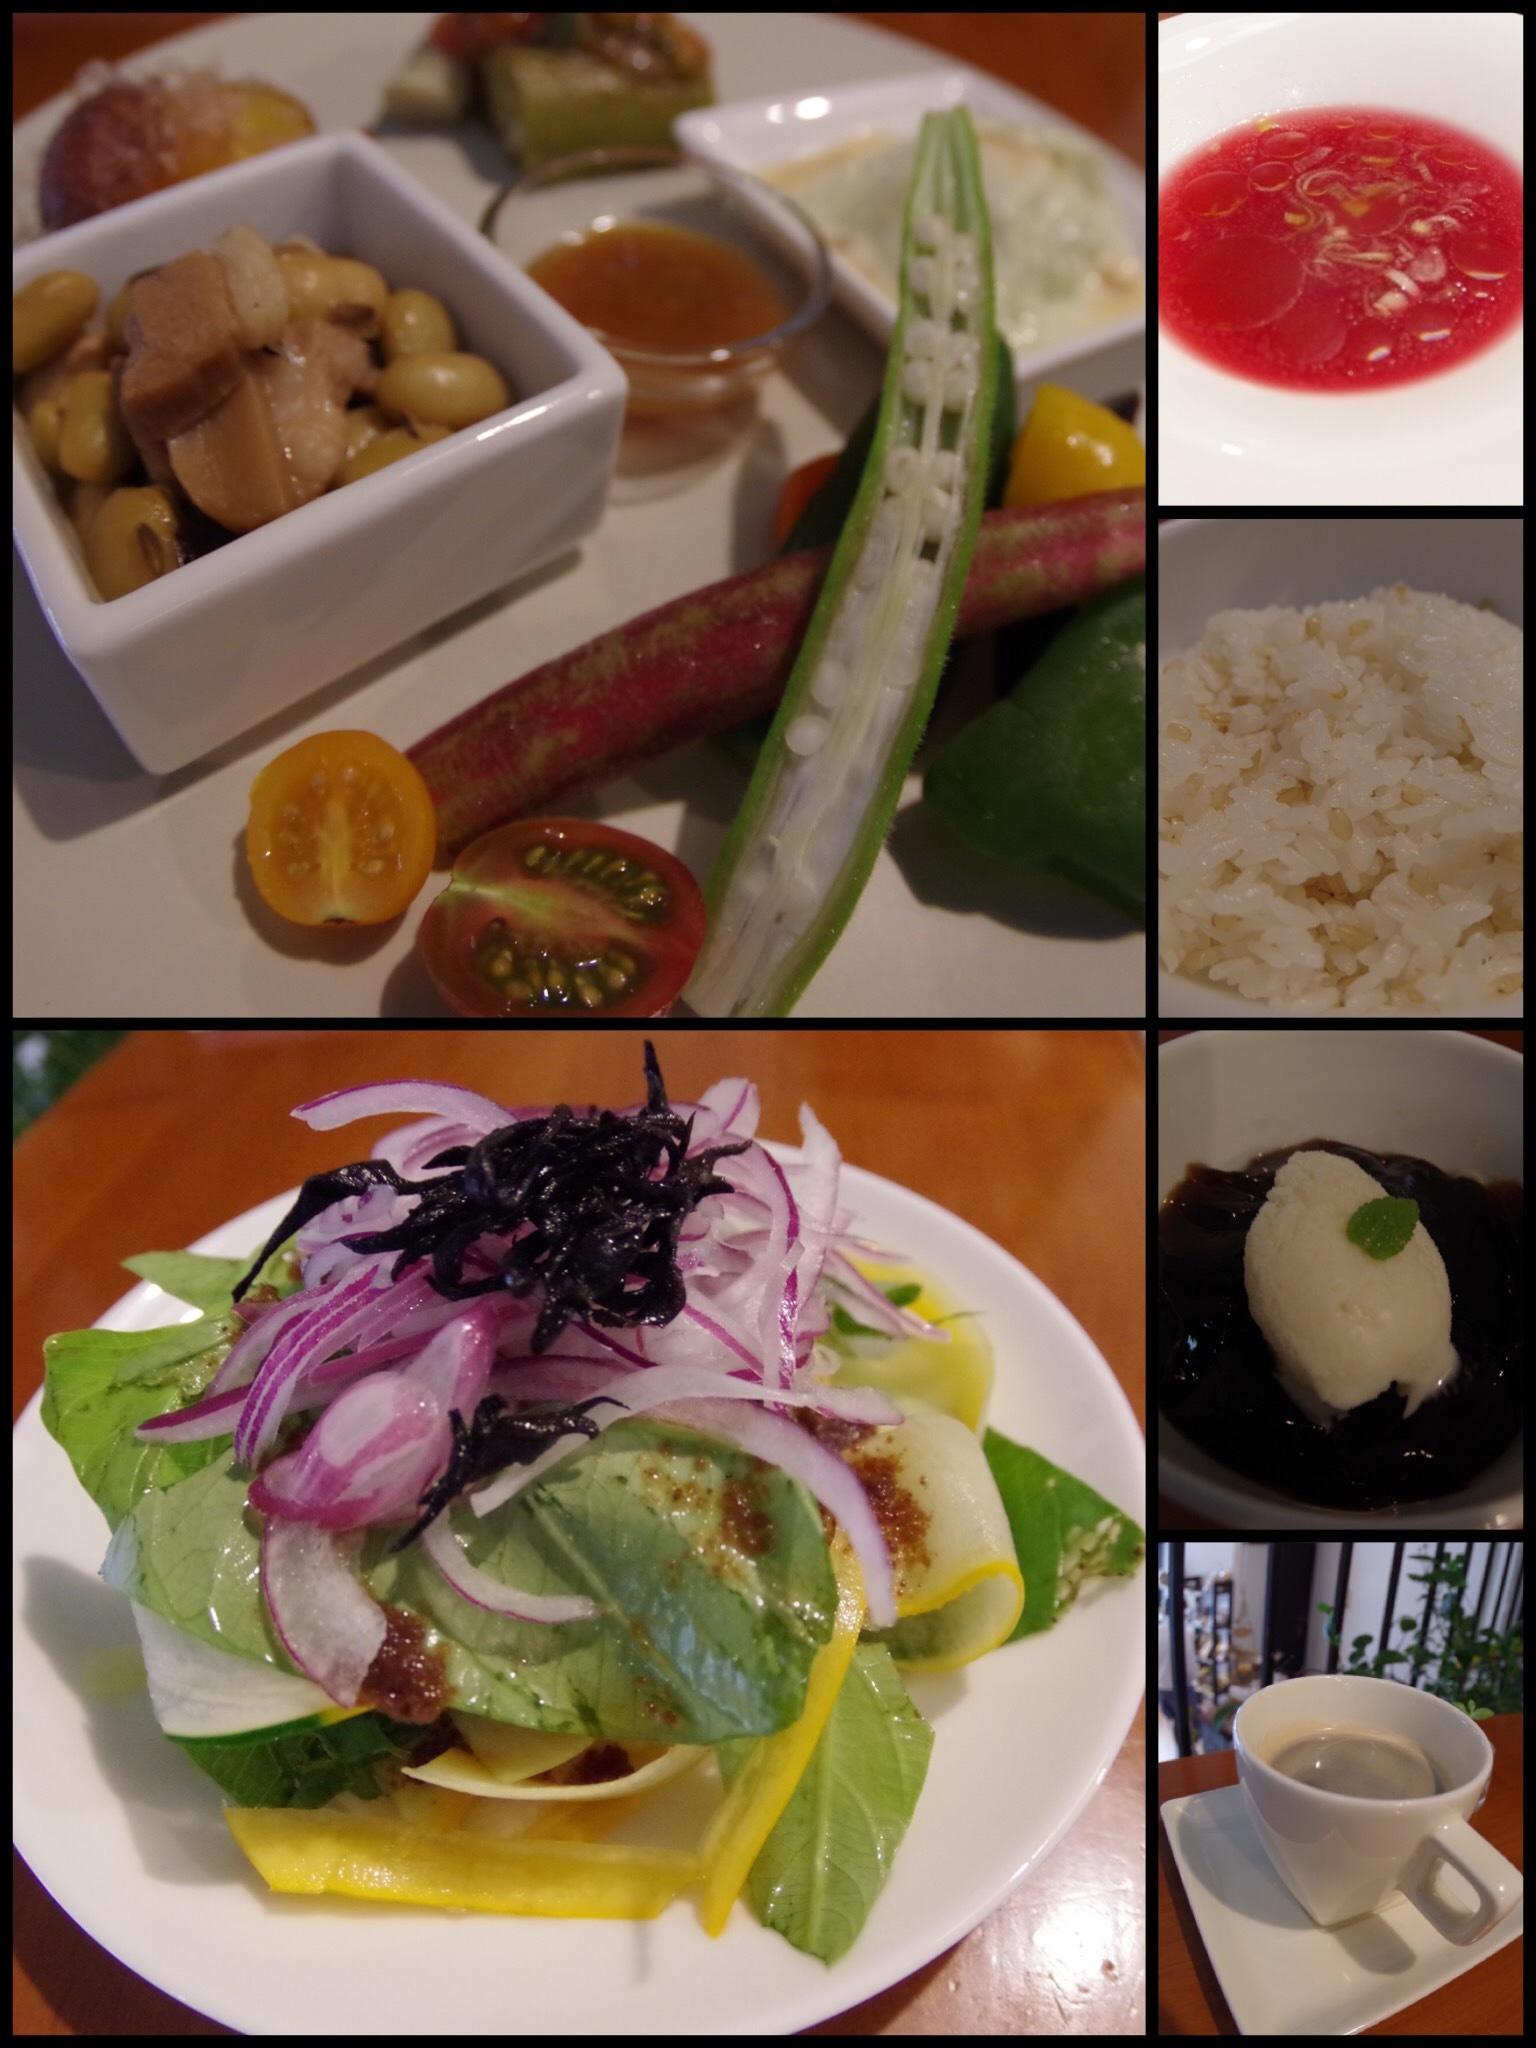 熱海 自然食 レストラン REFS レフズ